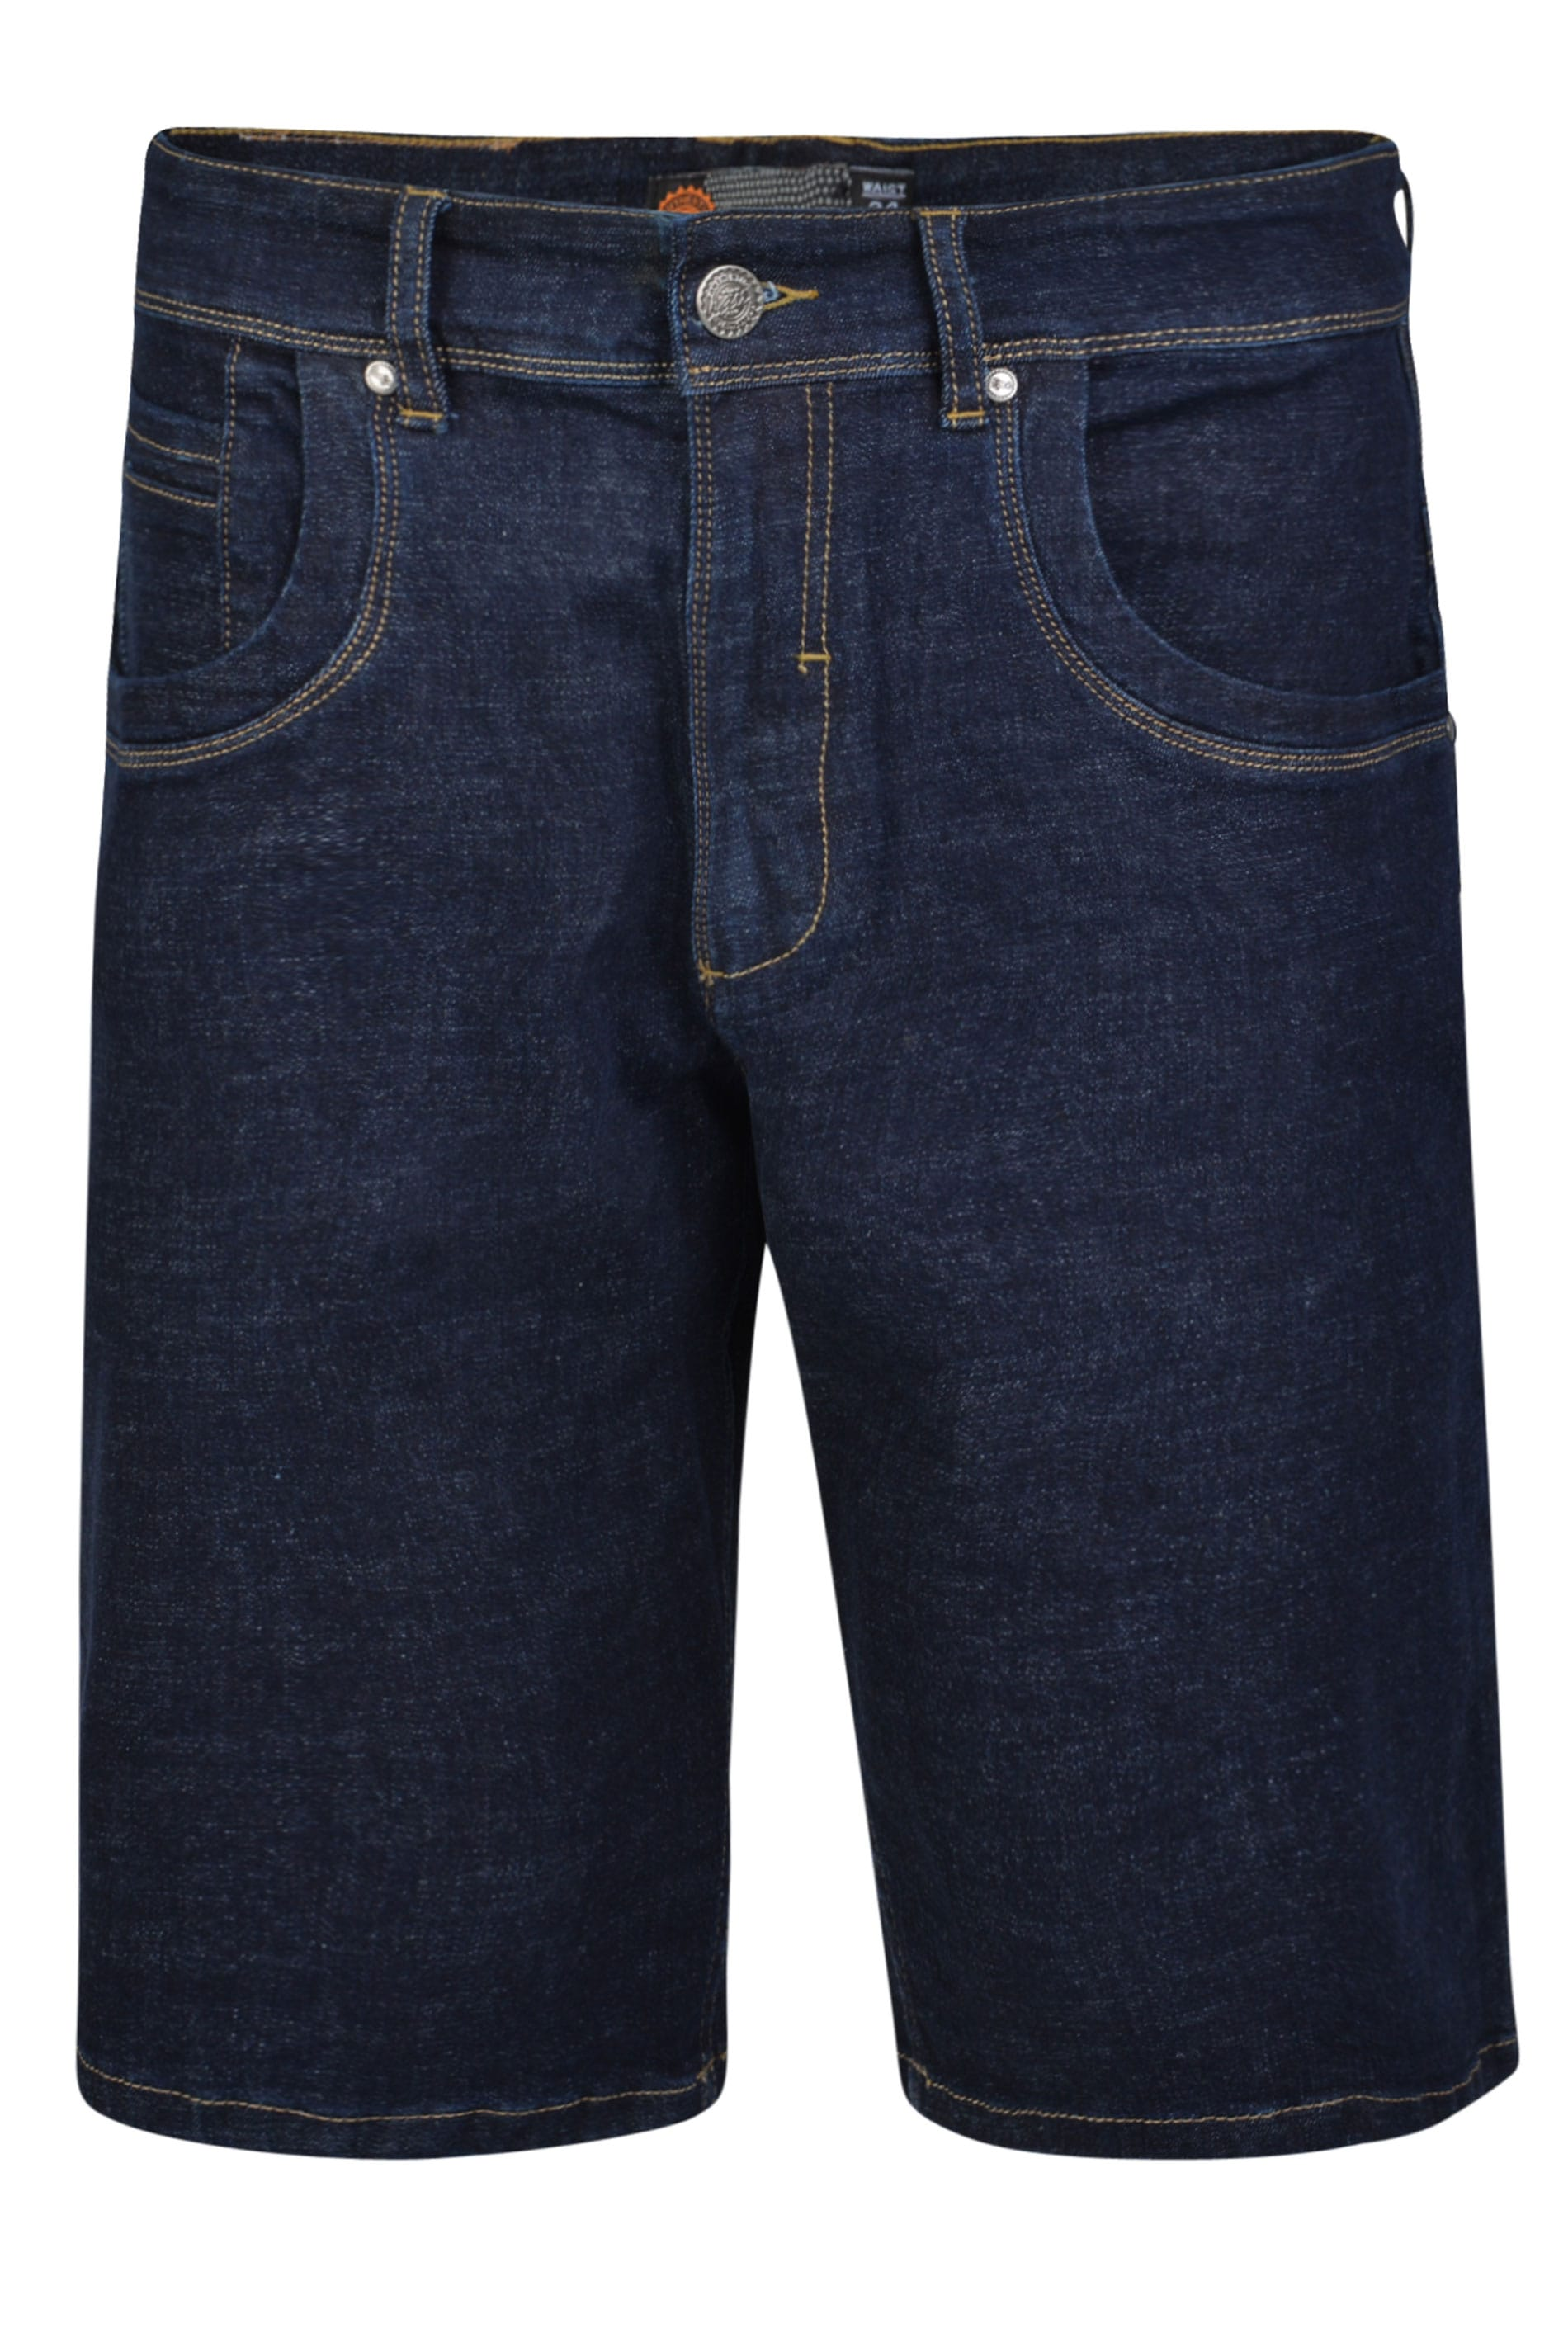 KAM Dark Blue Stretch Denim Shorts